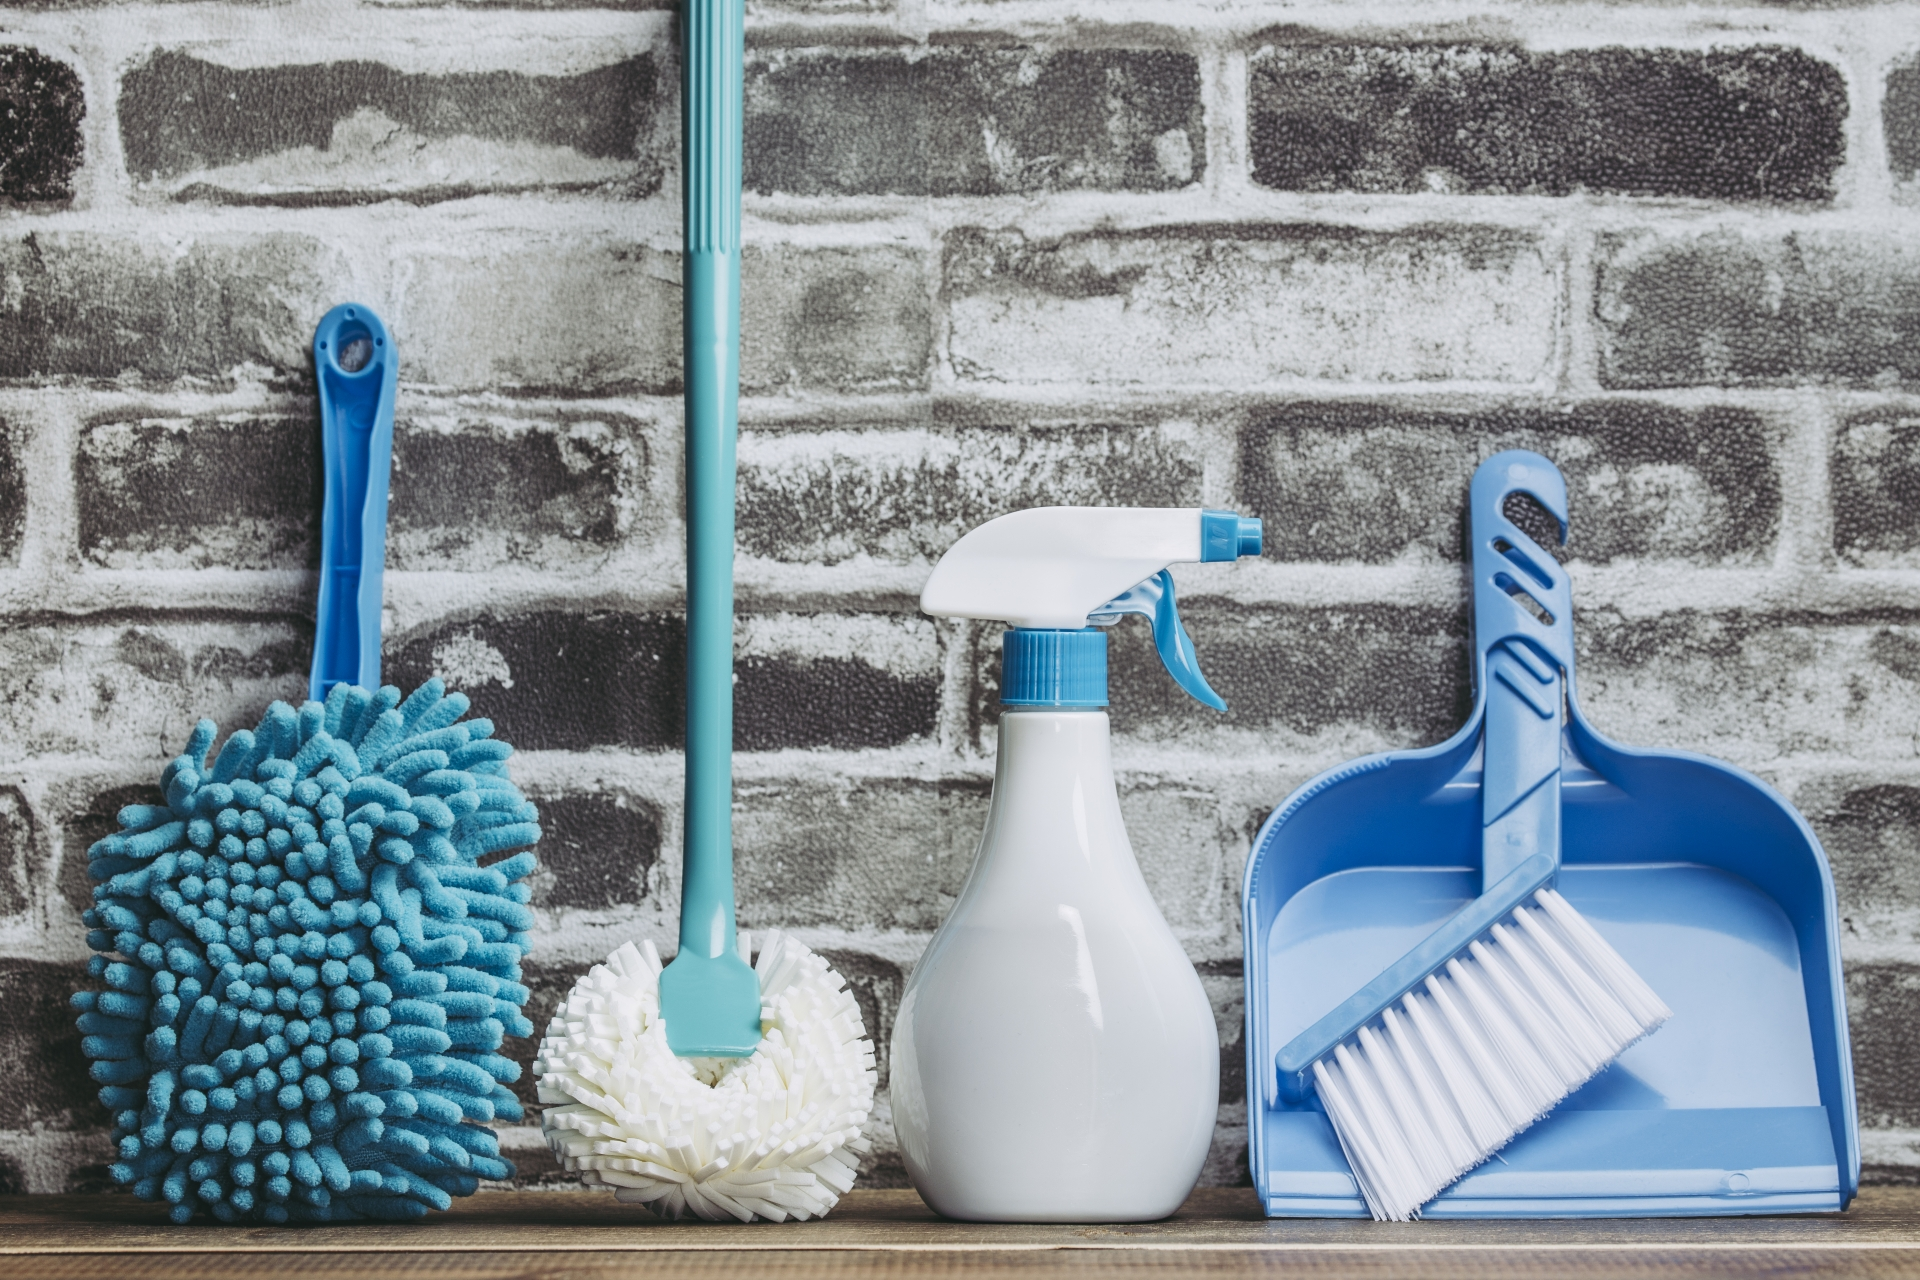 お掃除の便利グッズおすすめ7選!窓掃除やお風呂掃除に